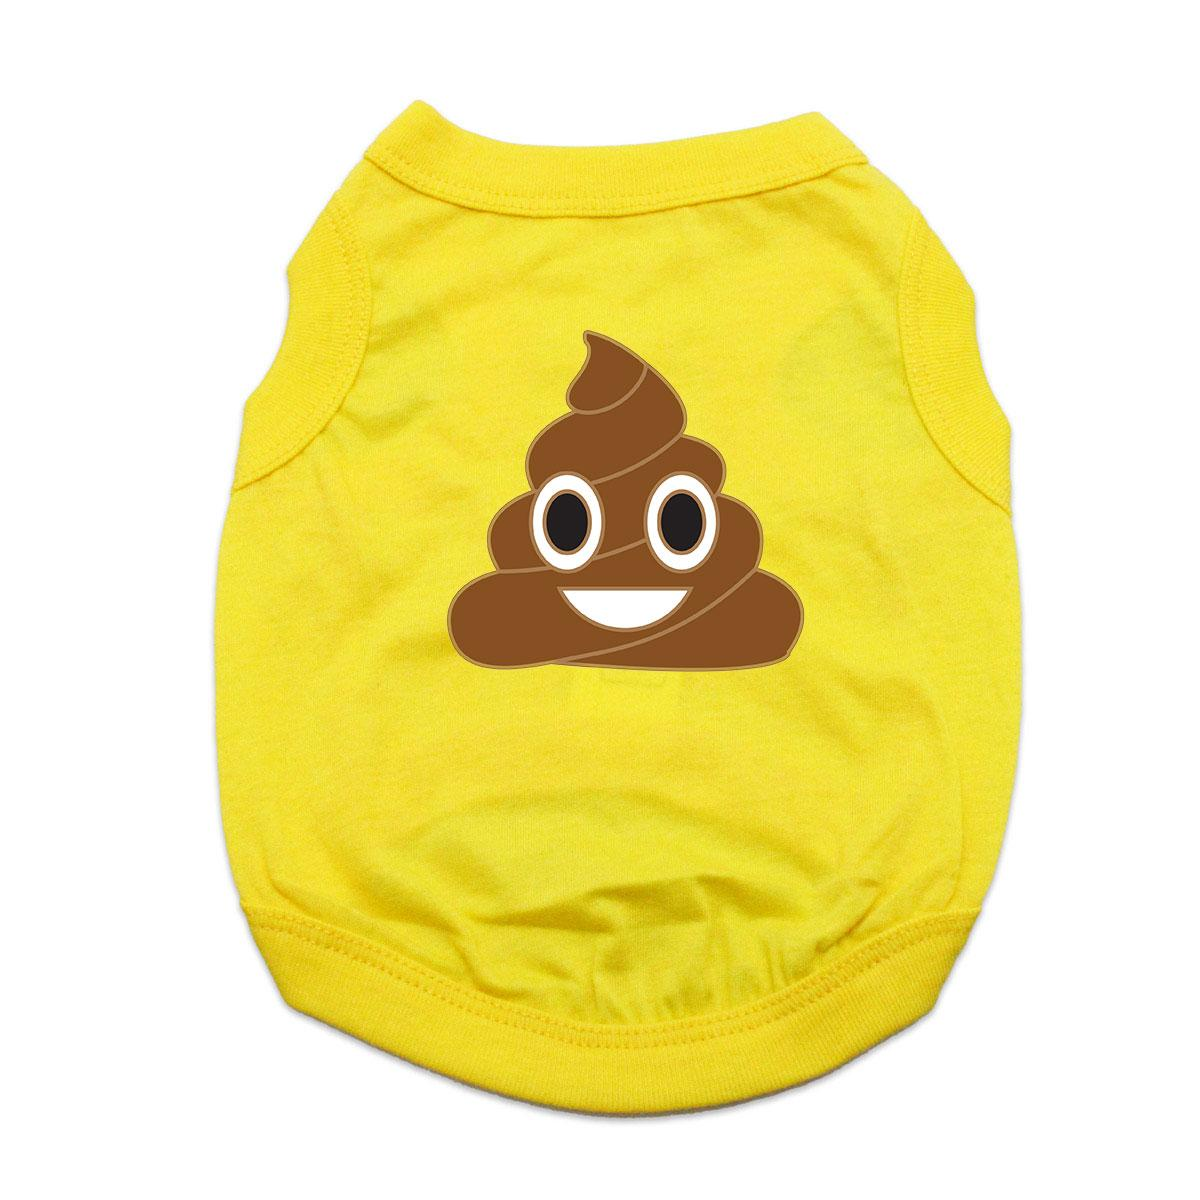 Poop Emoji Dog Shirt - Yellow